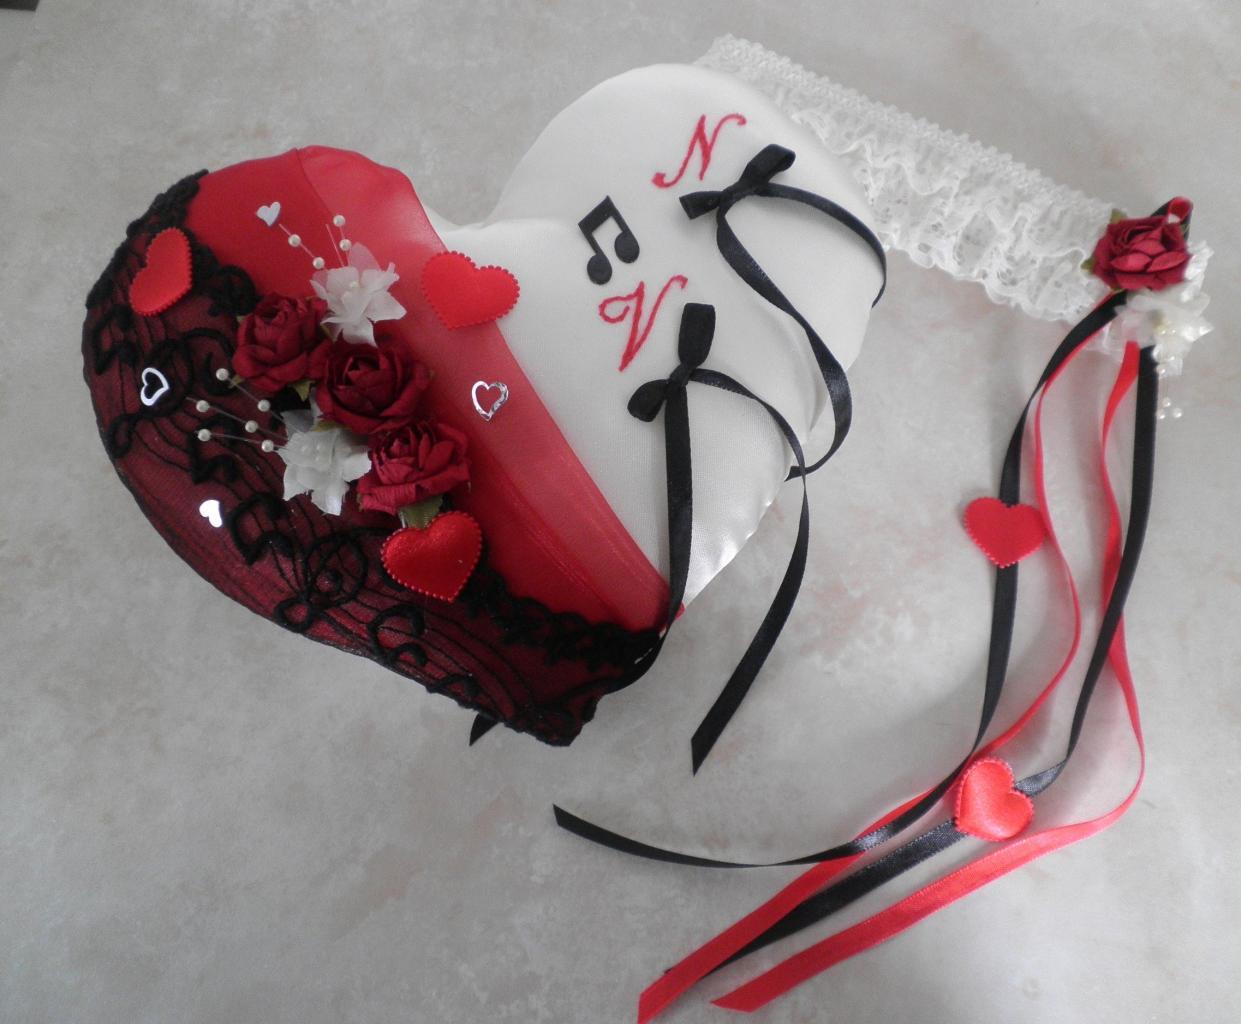 Coussin alliances coeur rouge et noir musique dentelle